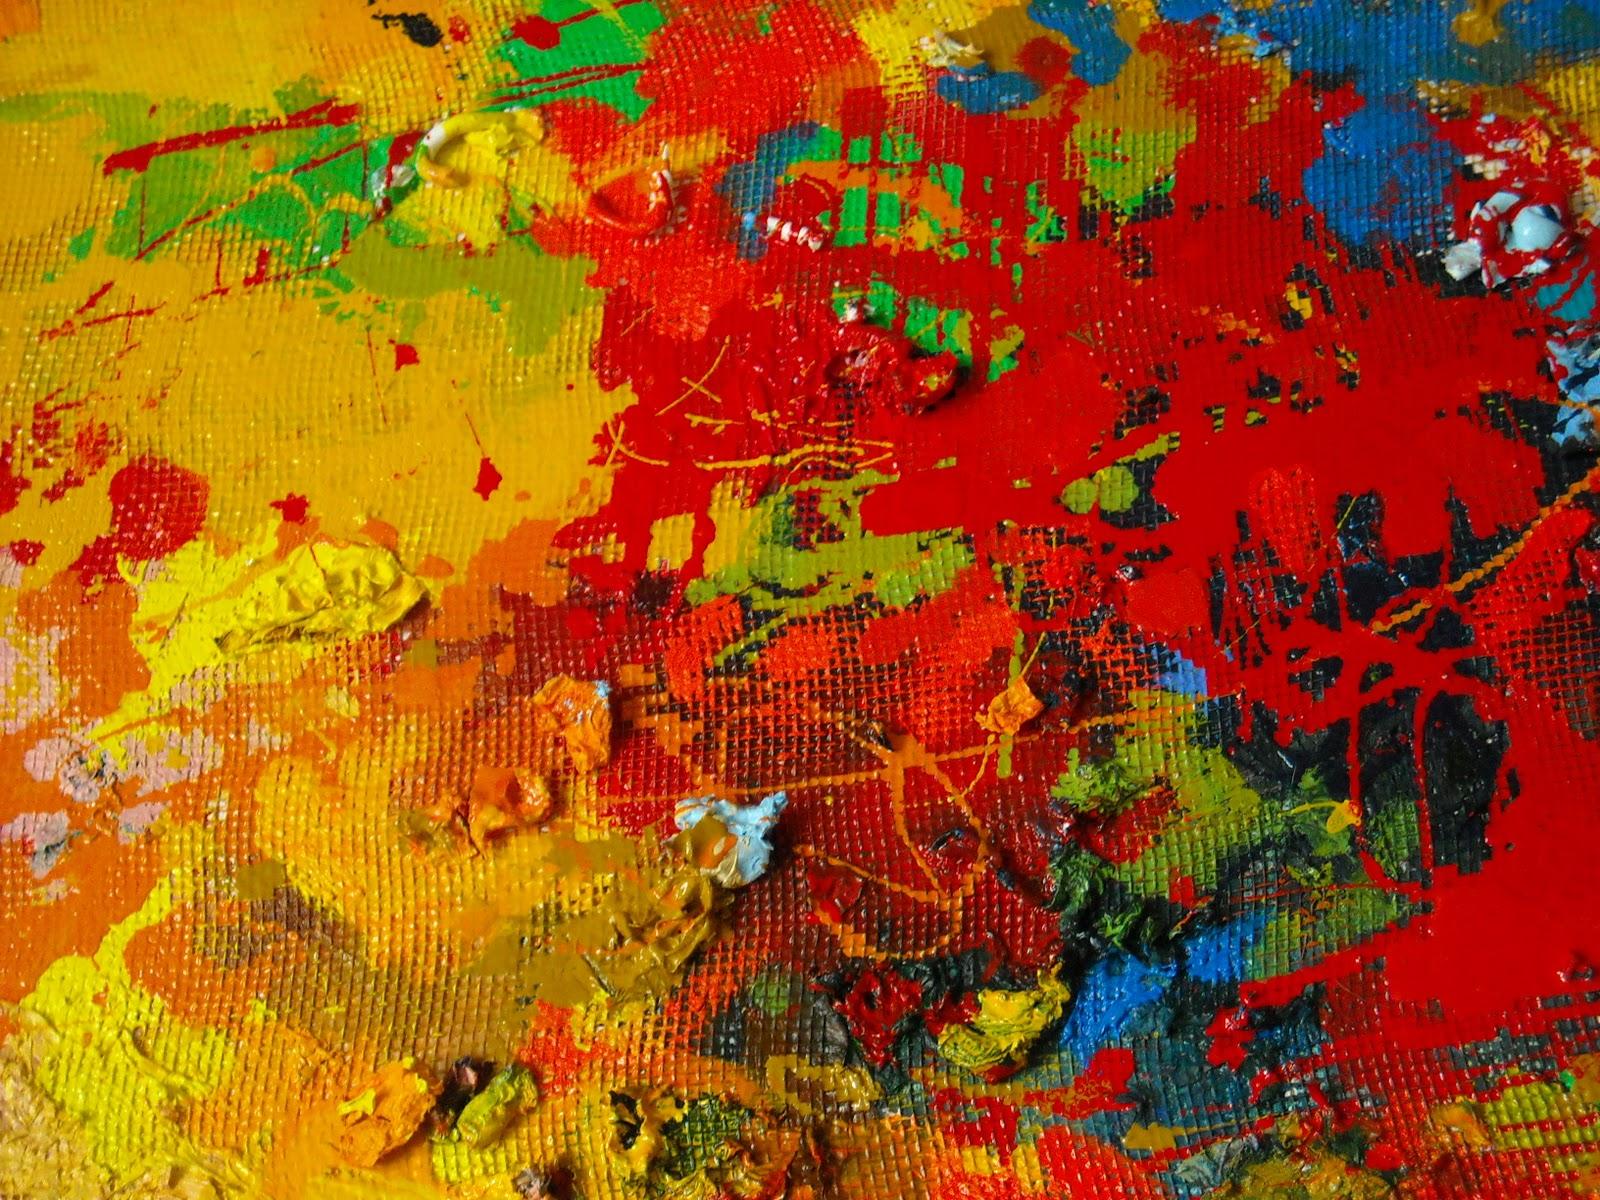 Parlando d arte quadro astratto tecnica mista su tela